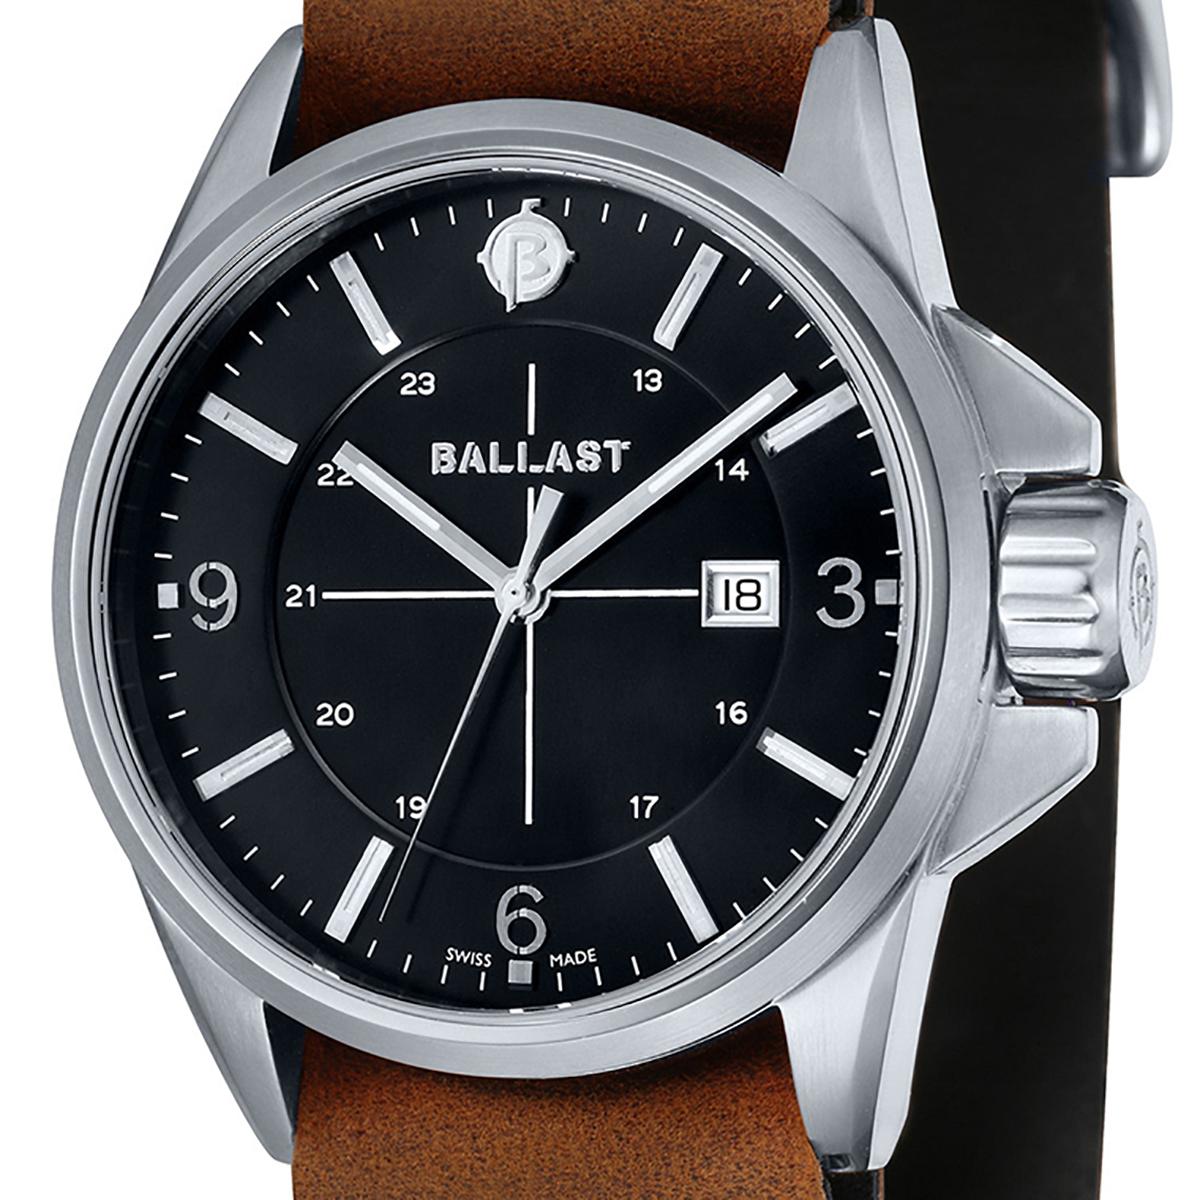 【残り1点】BALLAST バラスト クォーツ 腕時計 メンズ ミリタリー イギリス SWISS MADE [BL-3132-01] 並行輸入品 純正ケース メーカー保証24ヶ月